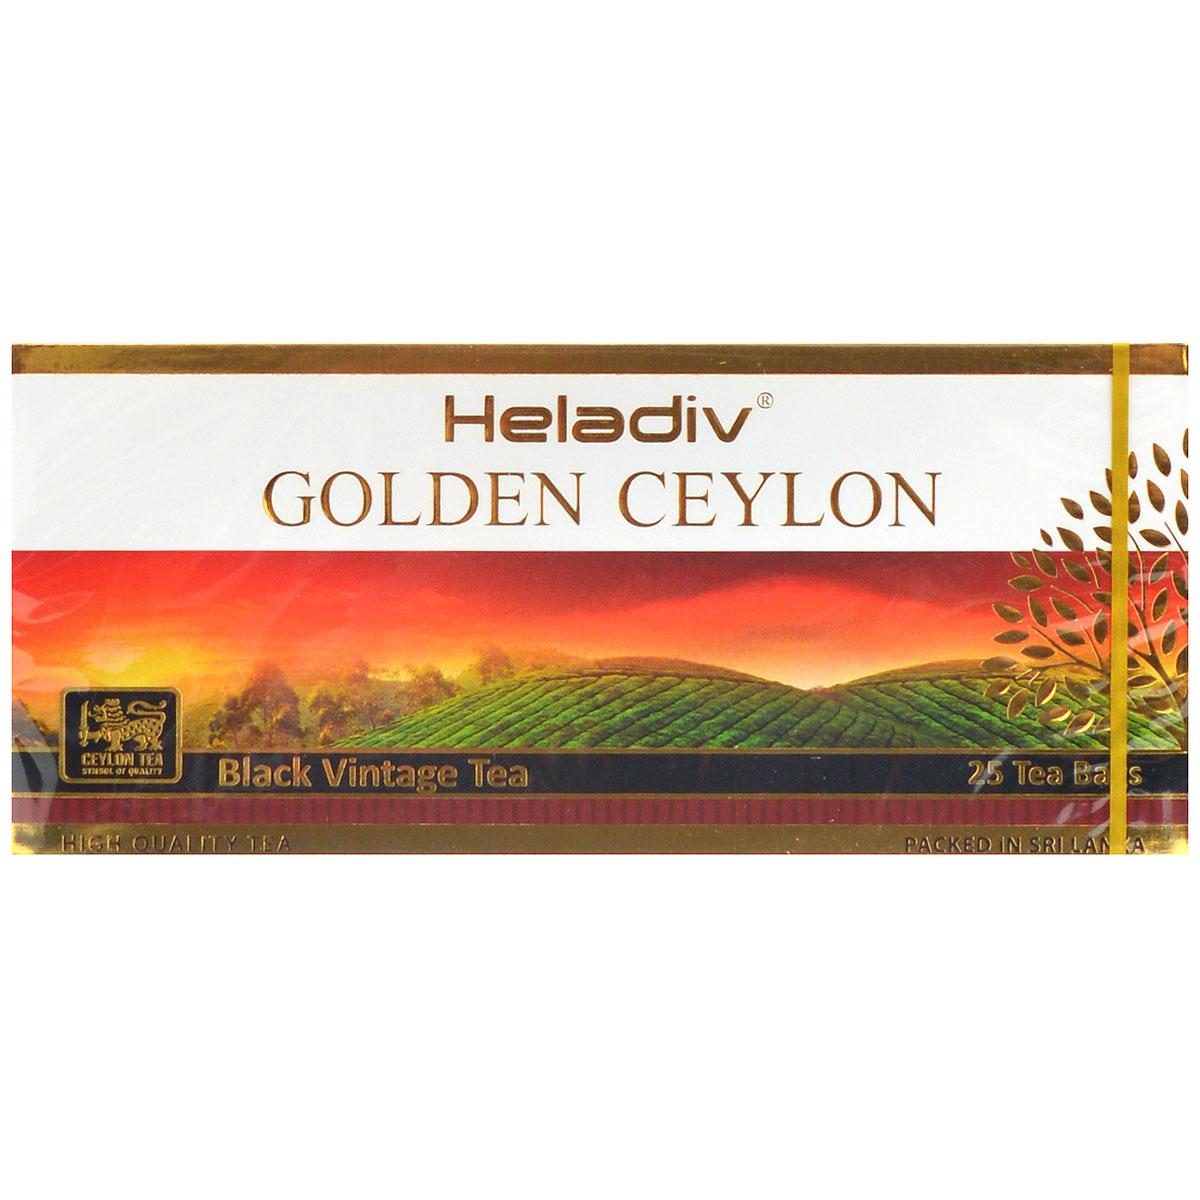 Heladiv Golden Ceylon Vintage Black черный пакетированный чай, 25 пакетиков4791007010760Heladiv Golden Ceylon Vintage Black - черный цейлонский чай в пакетиках для разовой заварки.